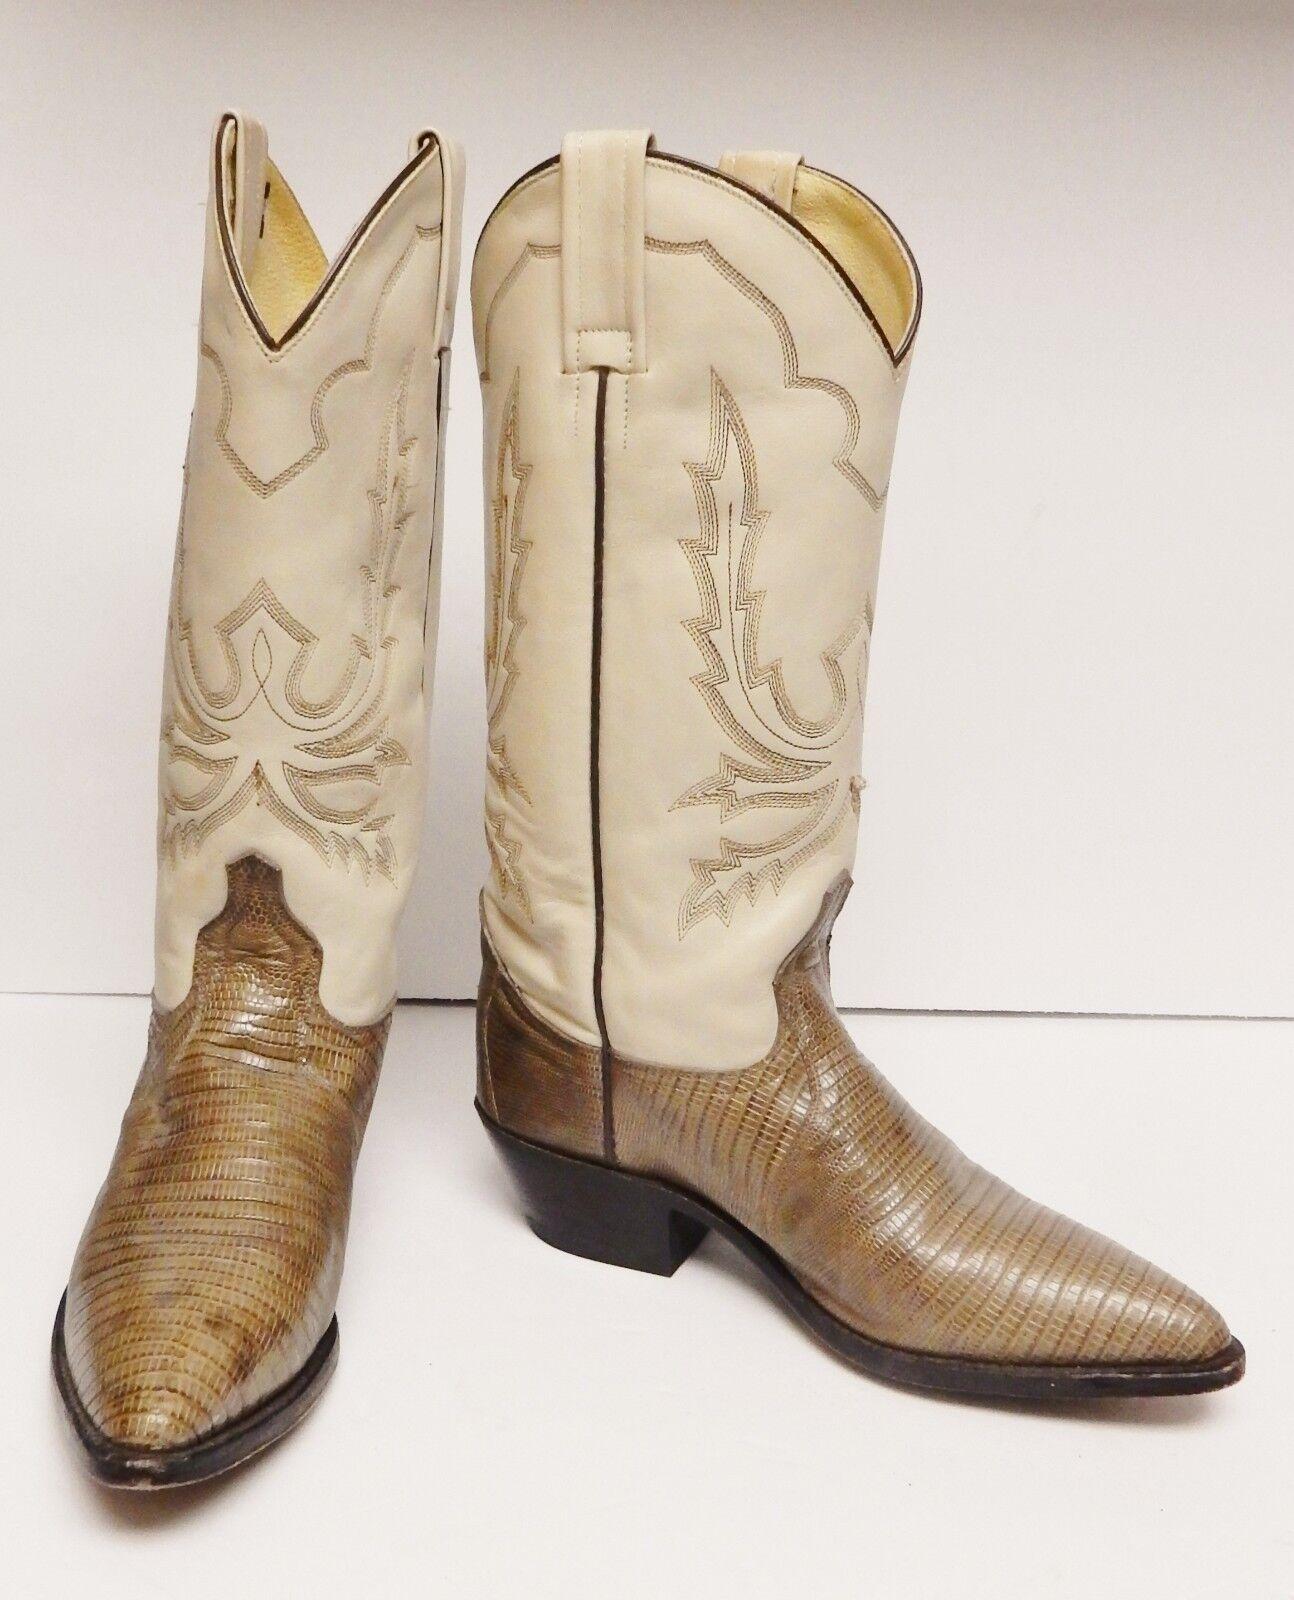 Dan Post Lizard stivali Western Cowboy Leather  8734 Tan Marronee Mexico Dimensione 7  liquidazione fino al 70%